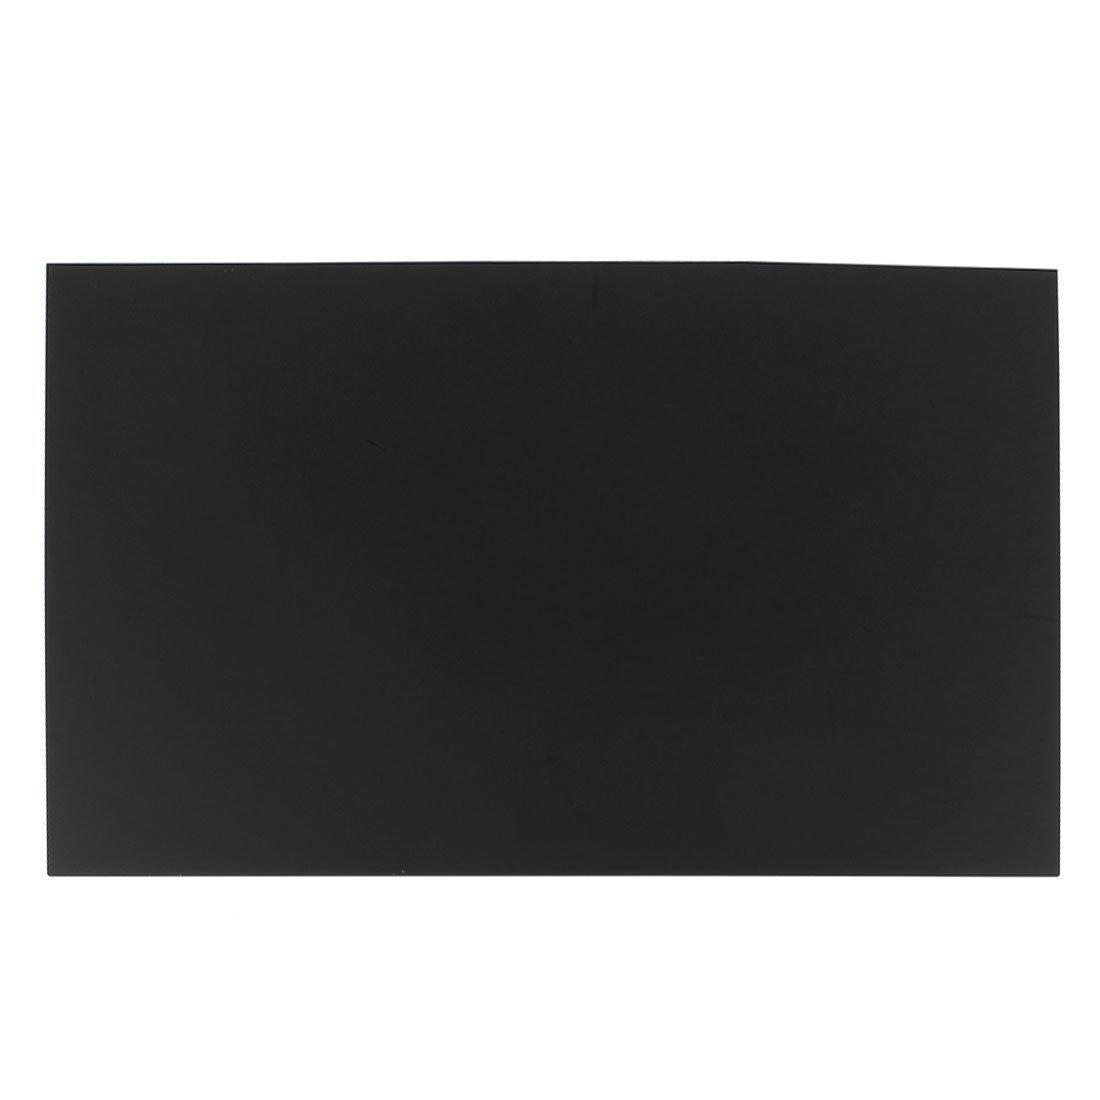 SODIAL 3mm Feuille de Perspex A3 en Acrylique Plastique Noir de la Taille 297mmx420mm